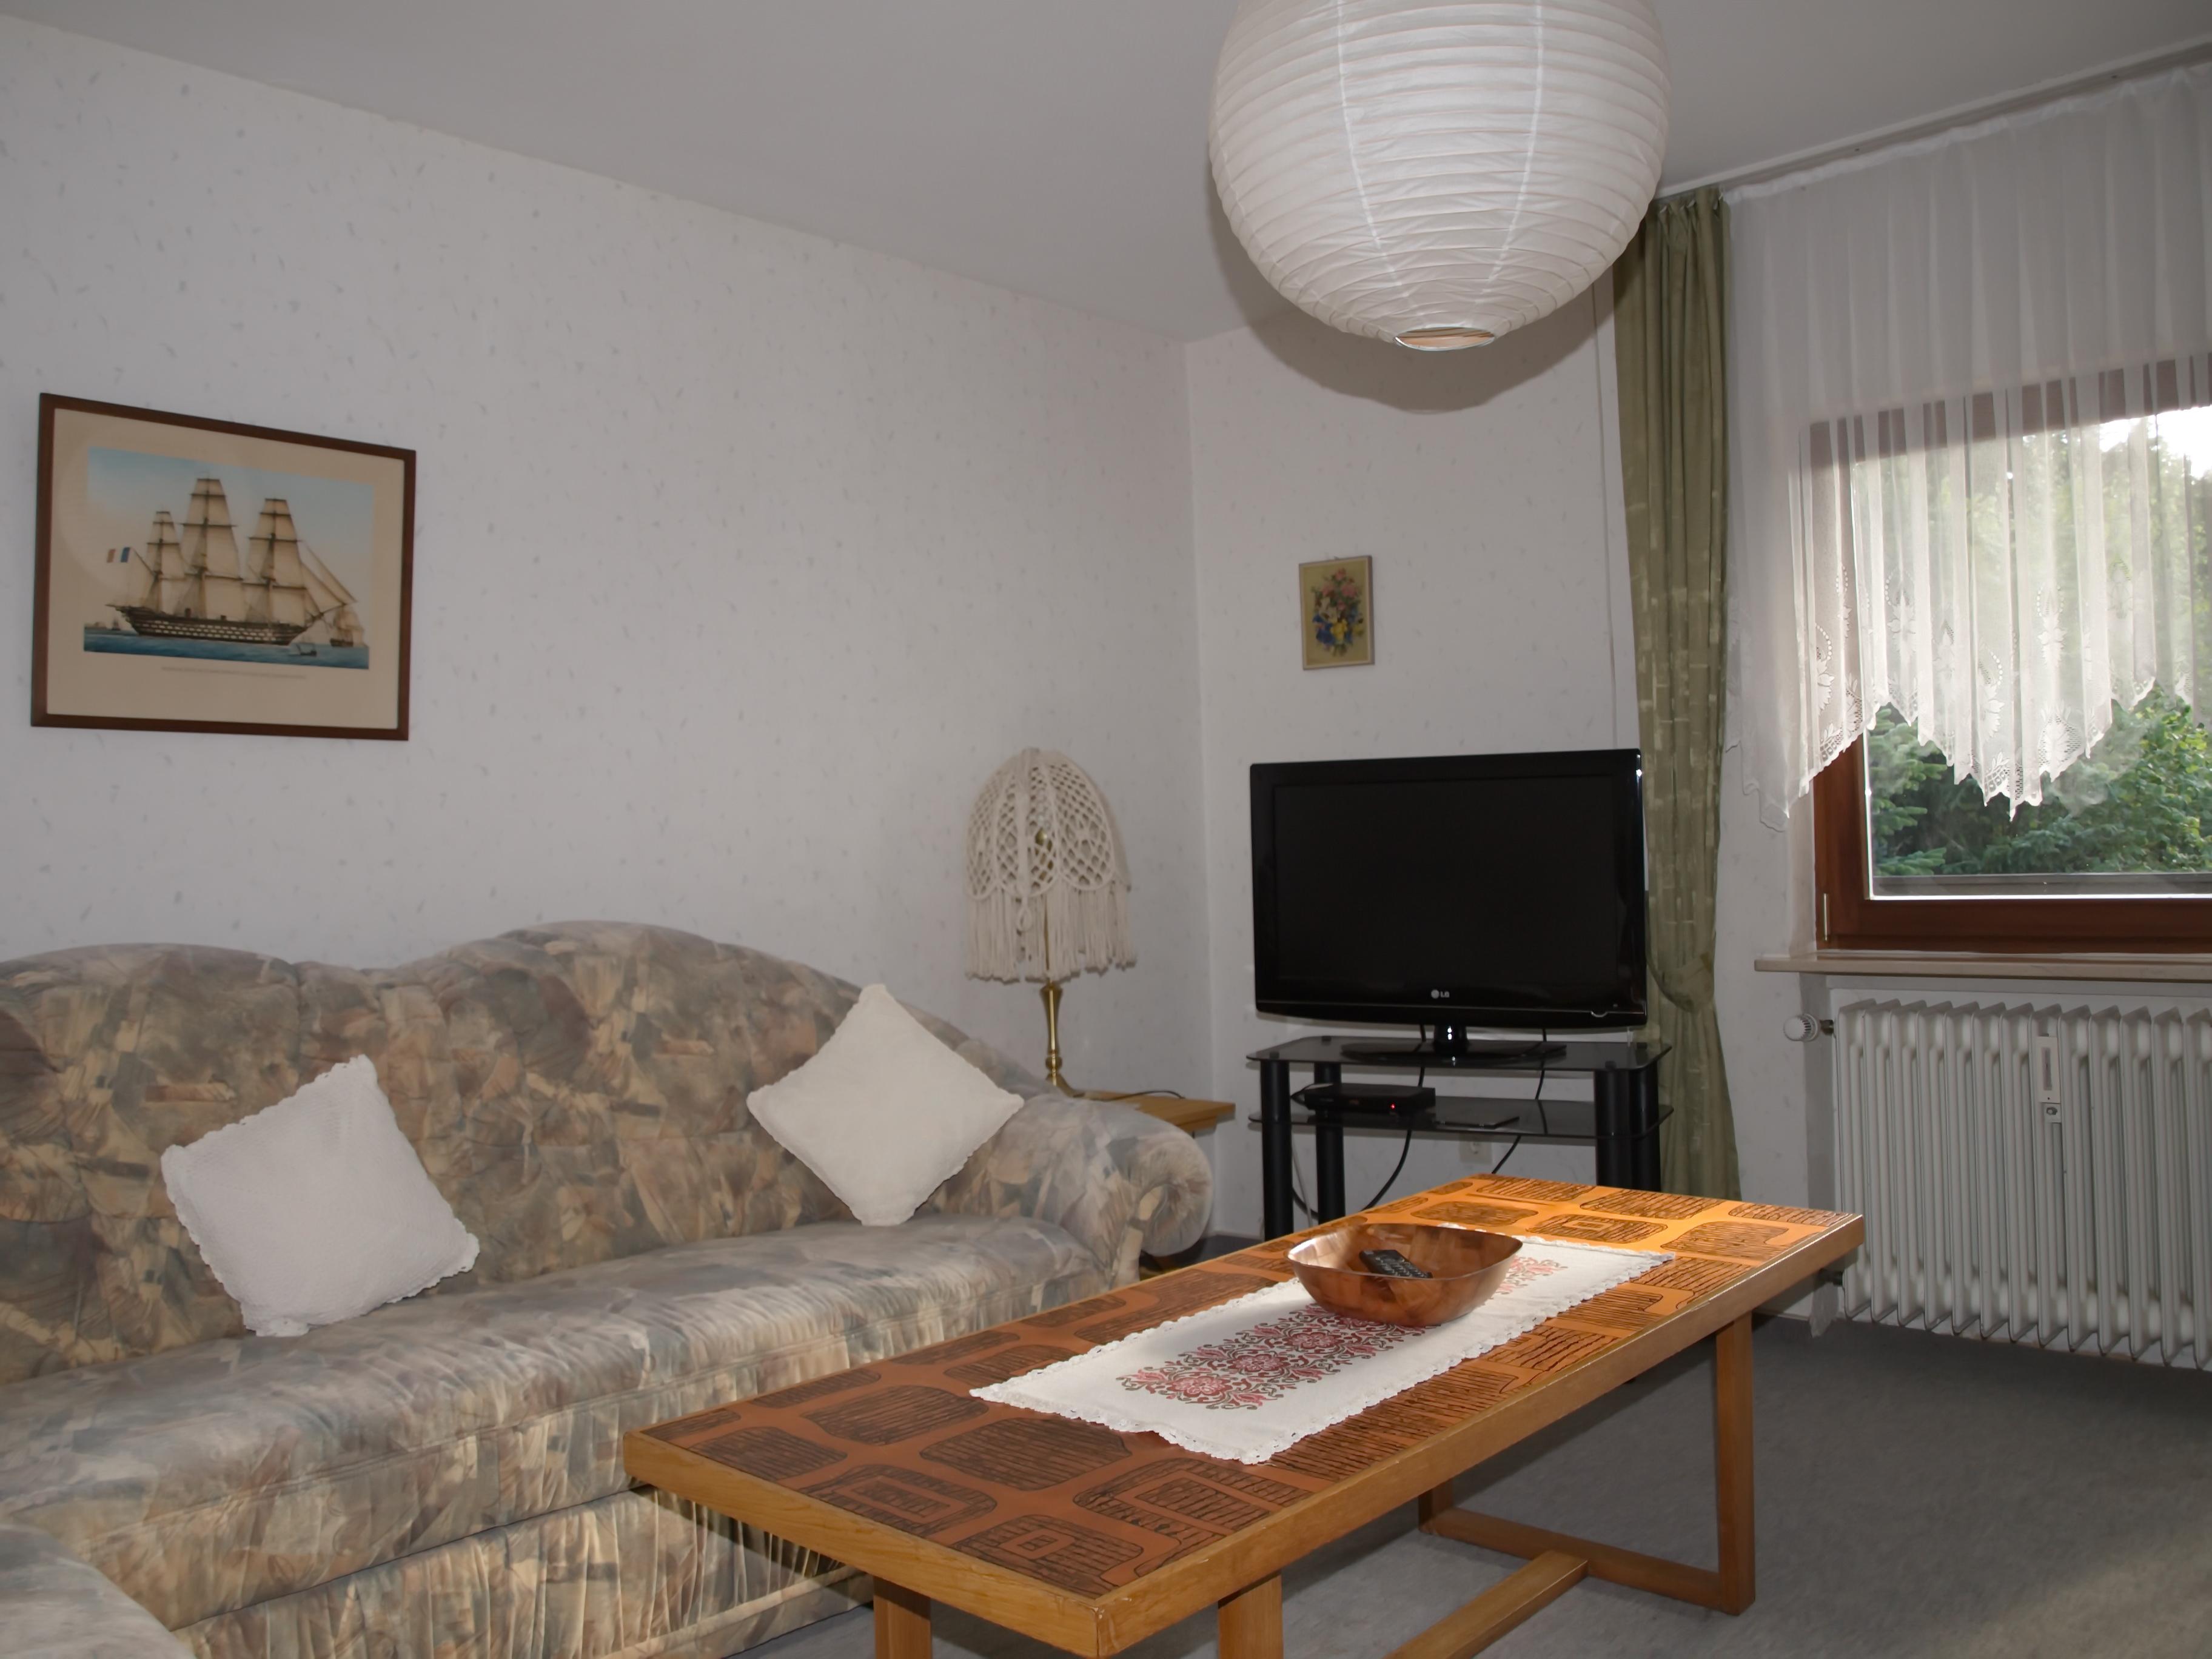 Wohnzimmer mit Flachbild-Fernseher